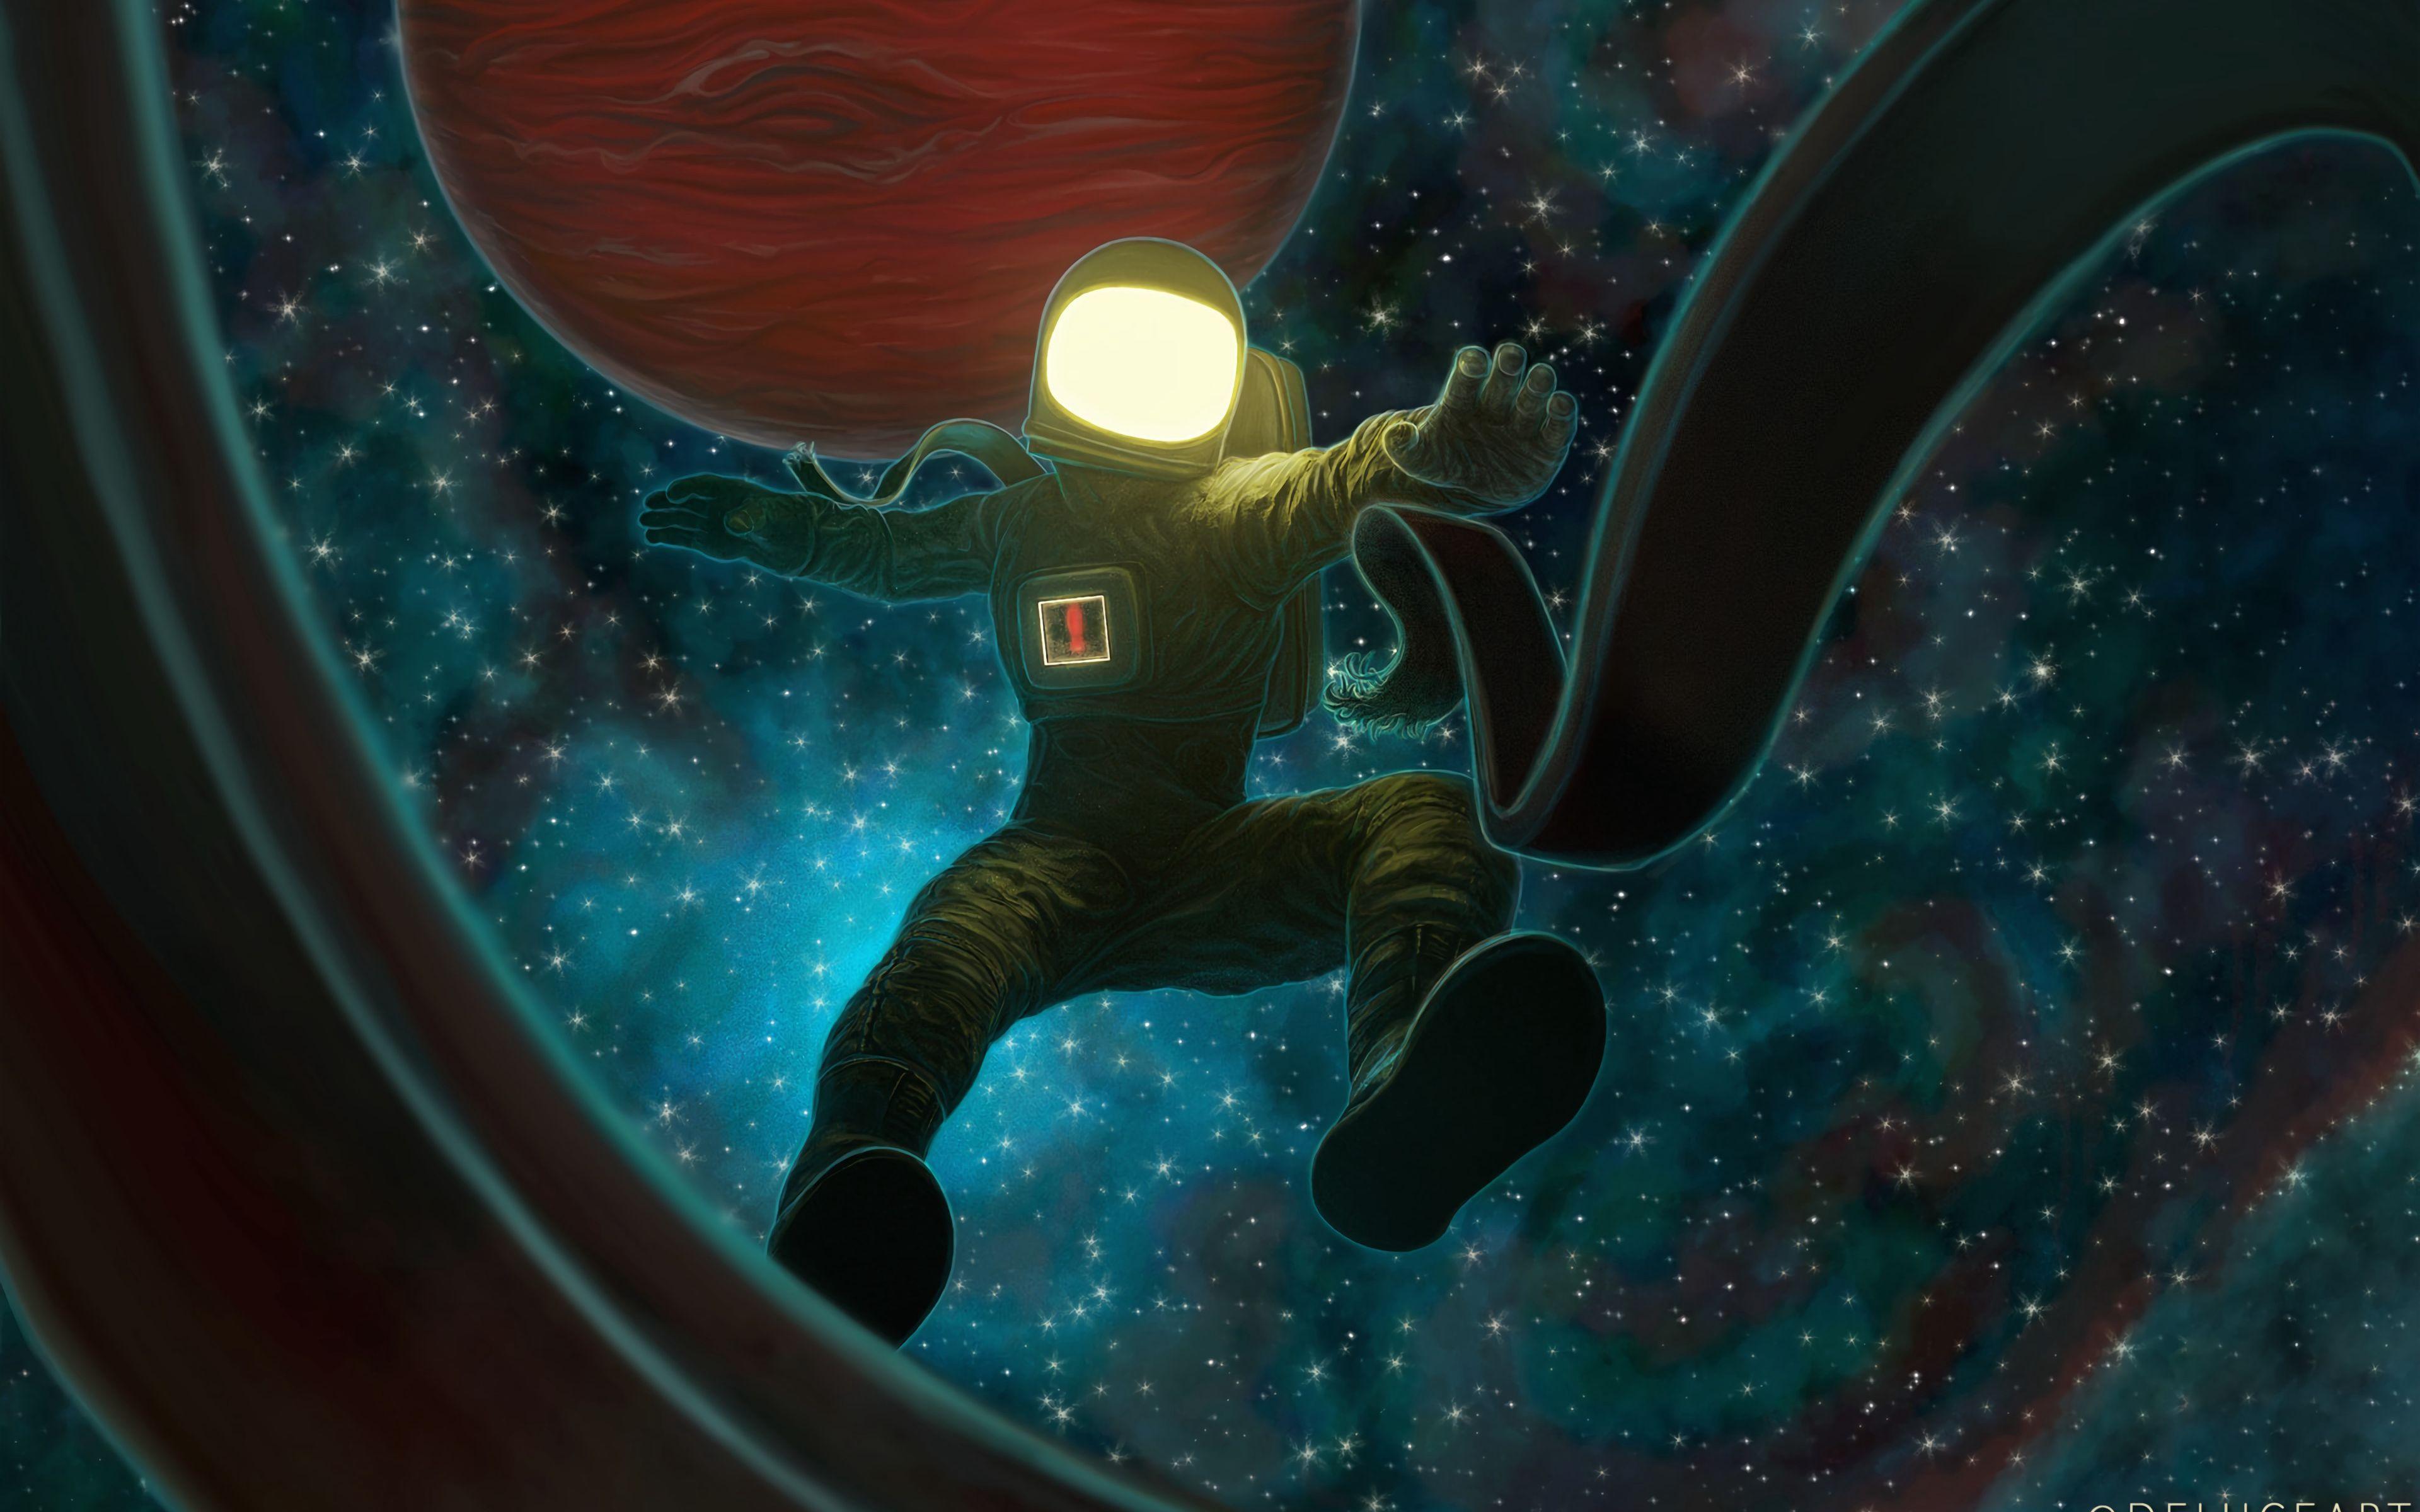 Fondos de pantalla Astronauta cayendo en el espacio